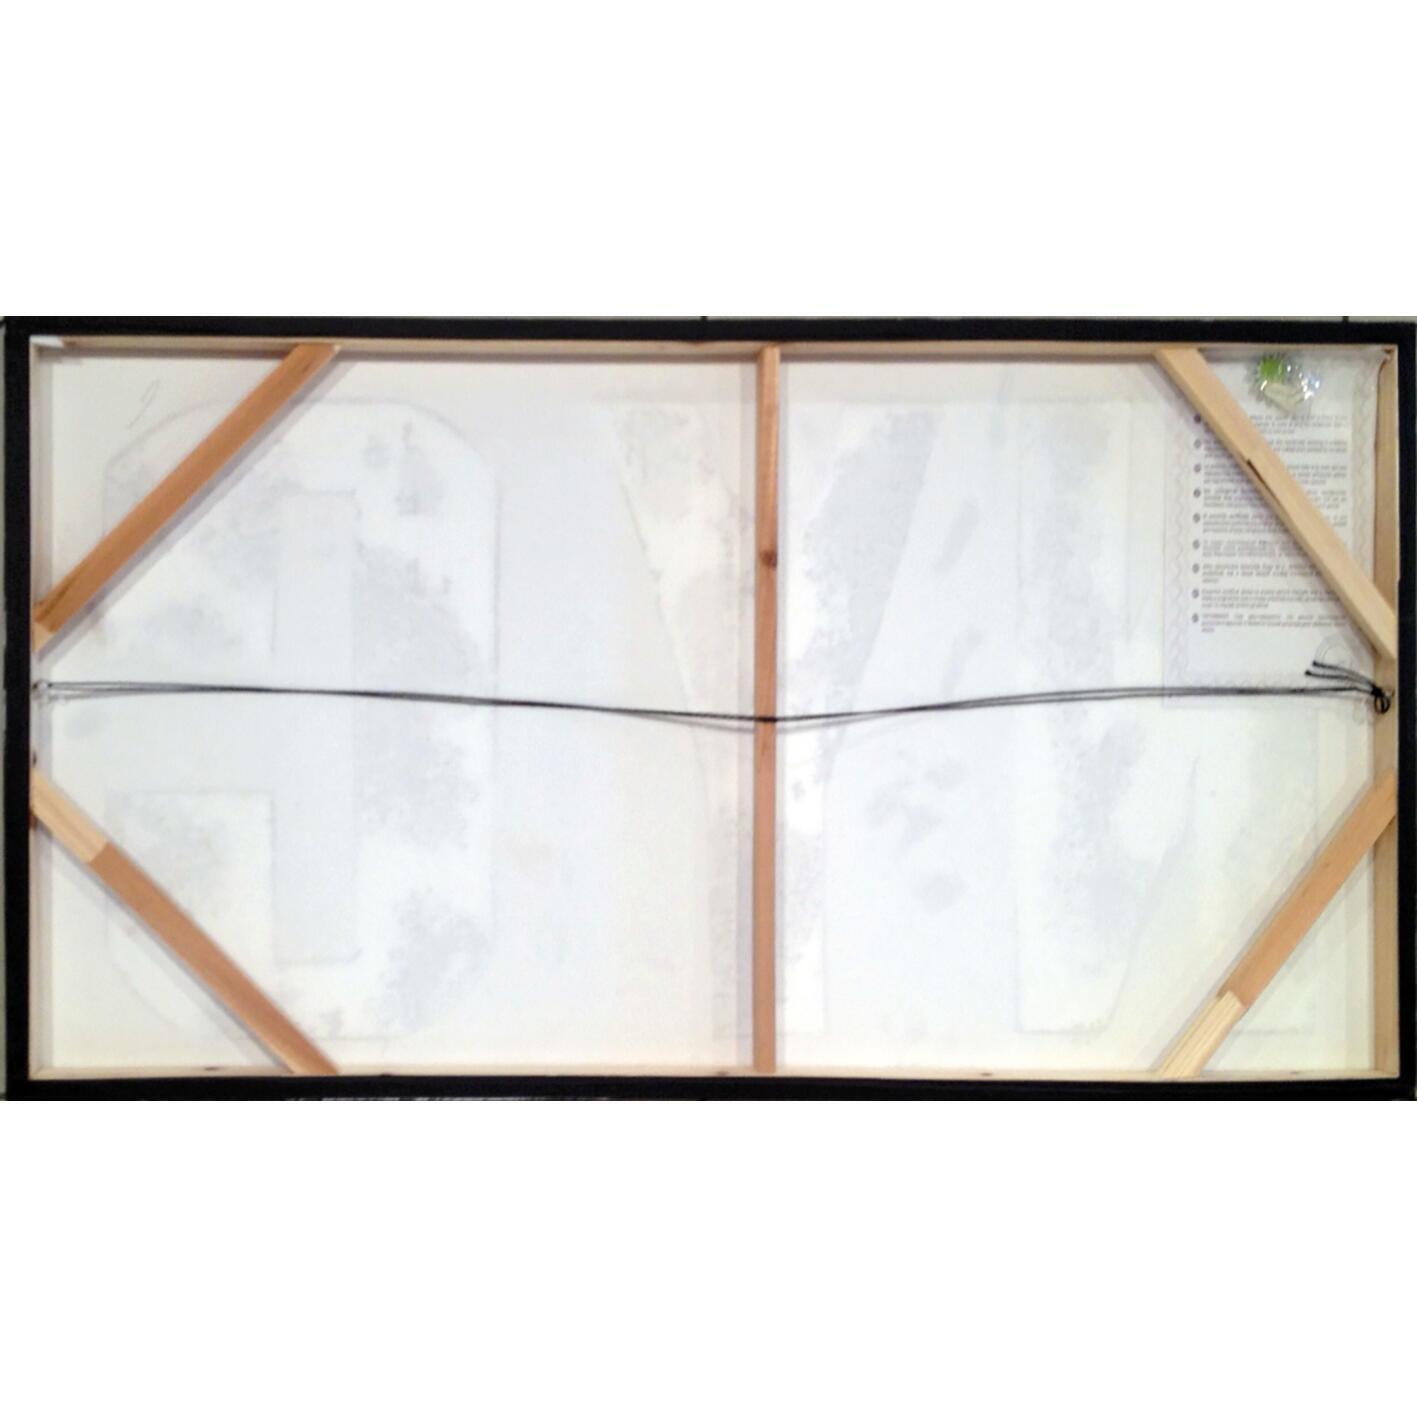 Tela Bosco In Inverno 180x80 cm - 6